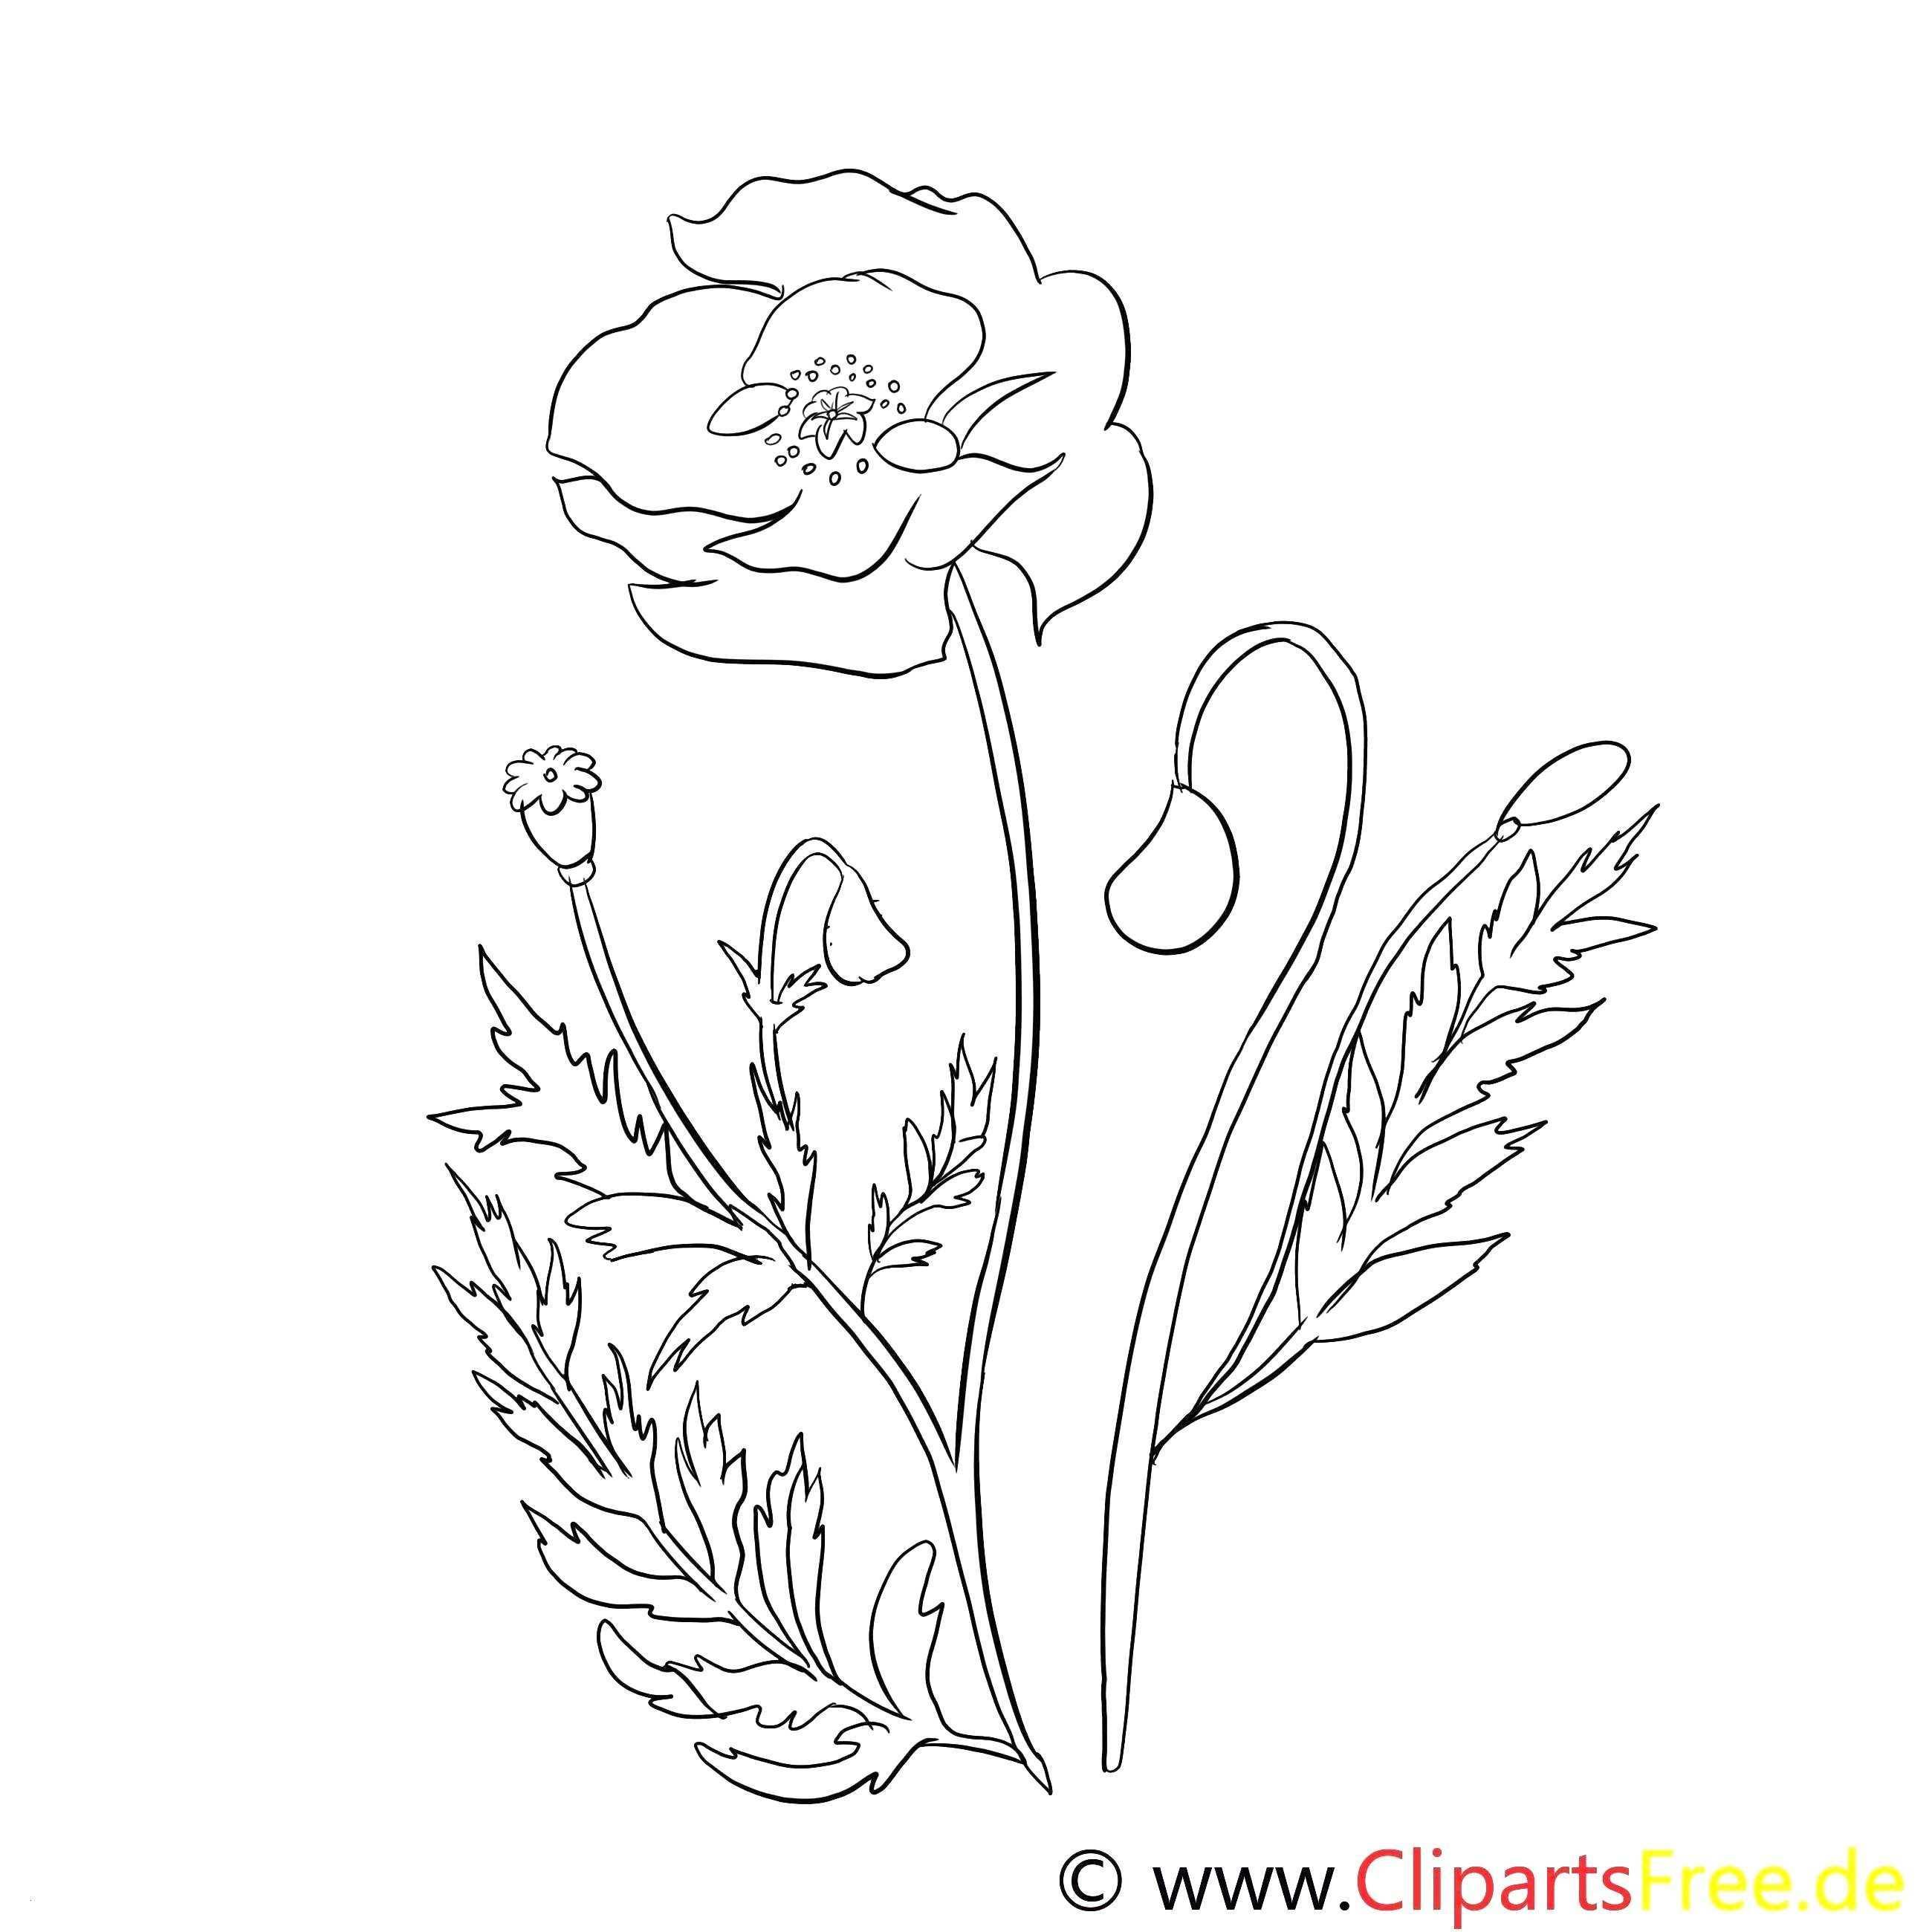 Fruhling Window Color Vorlagen Malvorlagen Blumen Malvorlagen Ausmalbilder